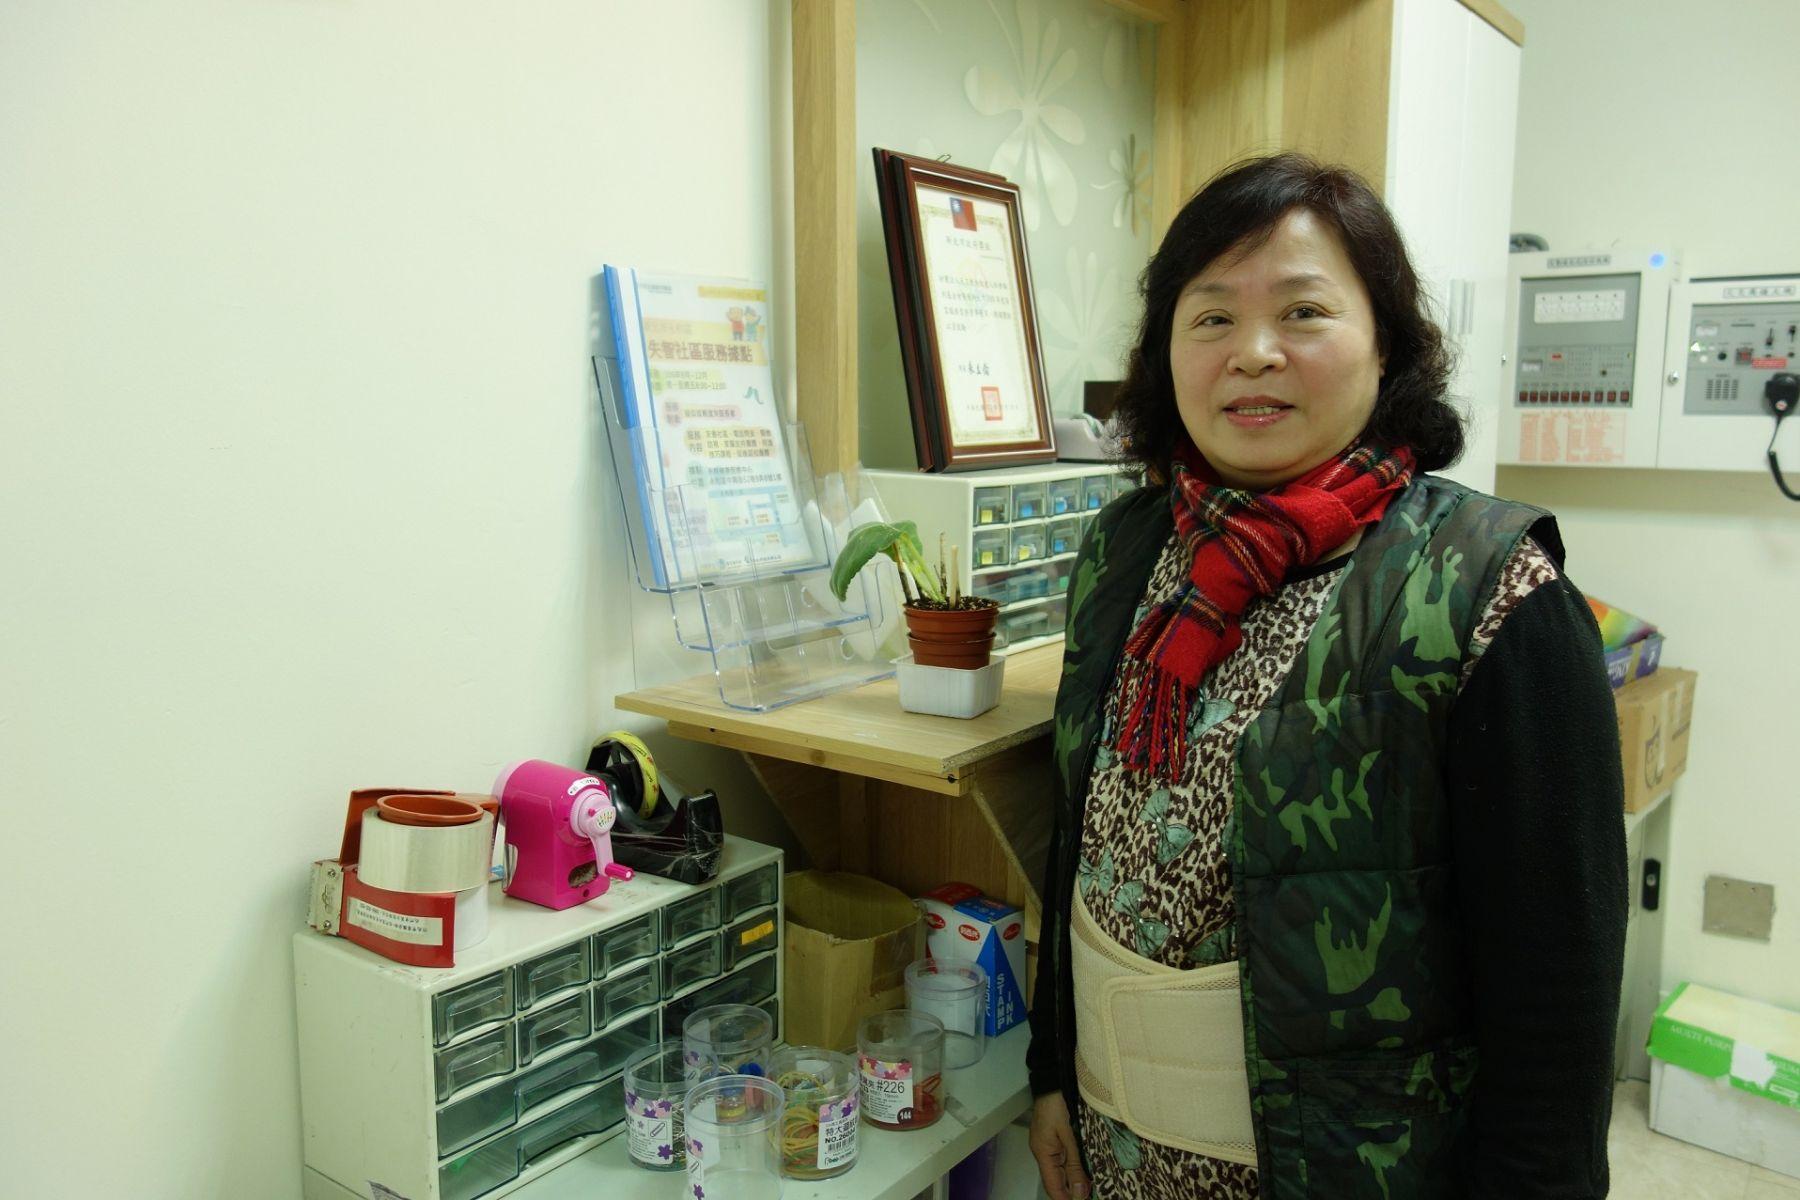 像照顧家人一樣!65歲瓊琬姐 做居服員找到自信